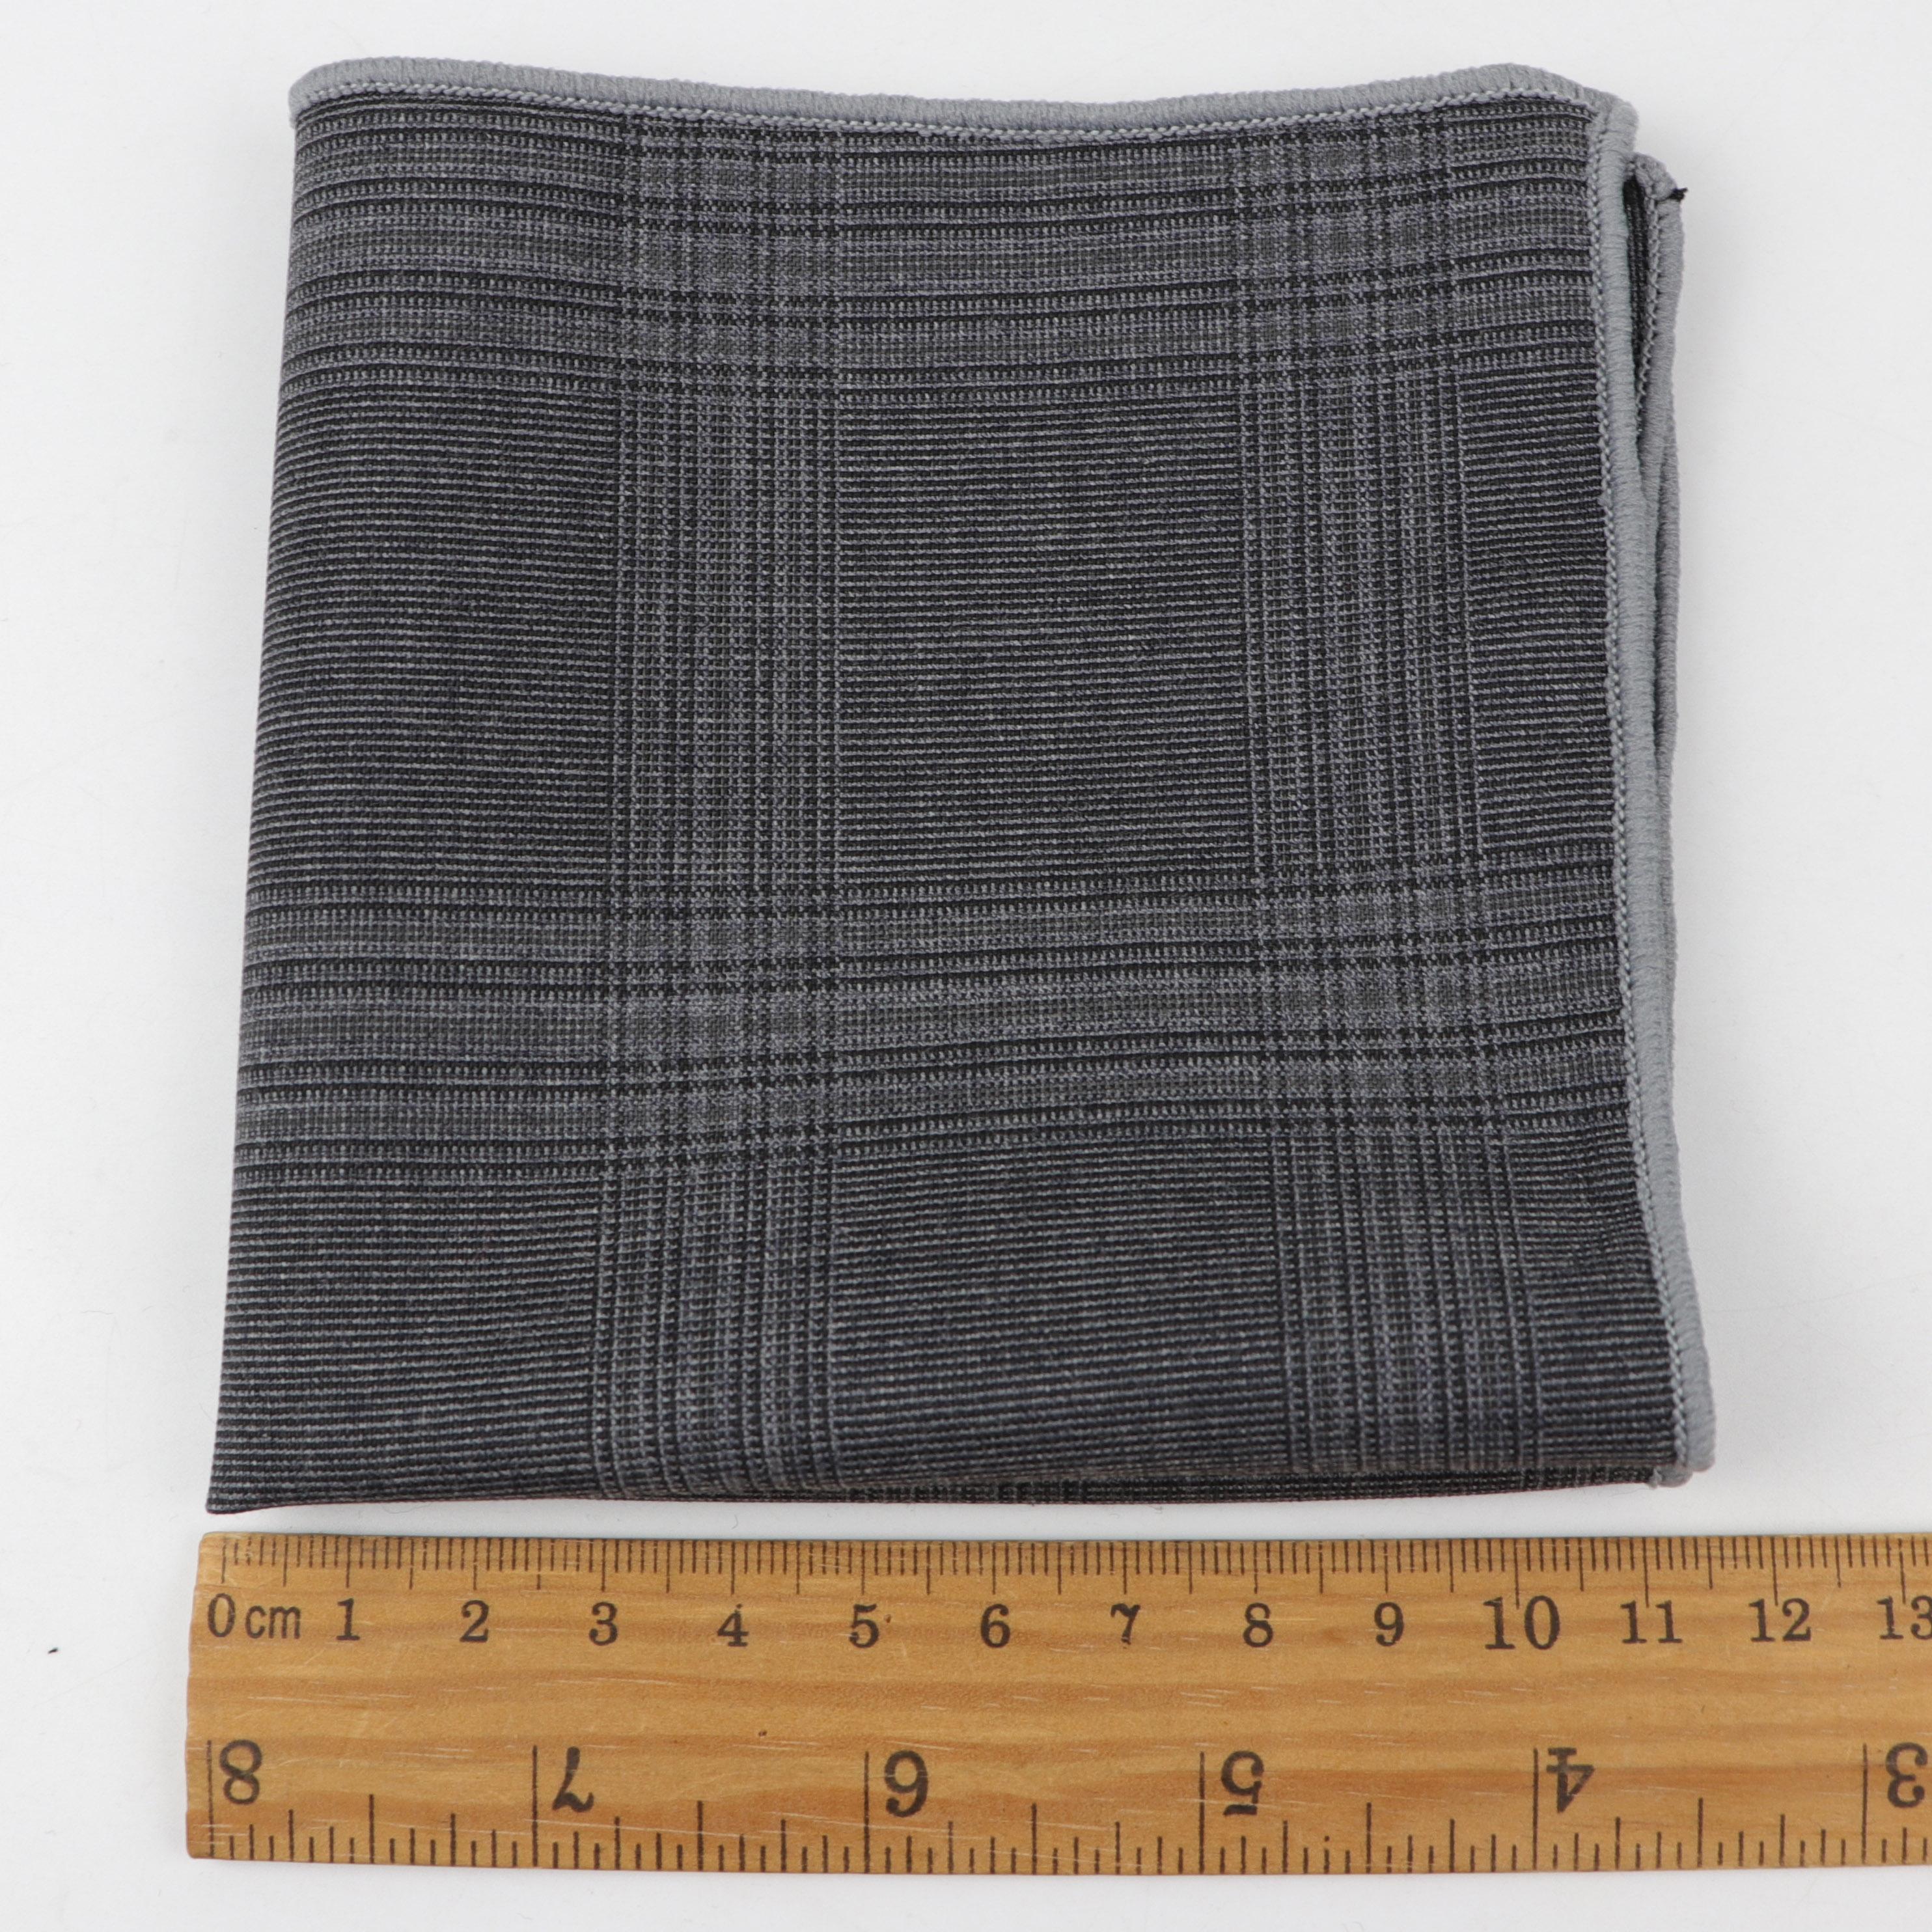 Модный популярный квадратный Карманный платок в полоску в клетку, стильный мужской носовой платок, галстук-бабочка для смокинга, аксессуар для вечеринки, качественный подарок